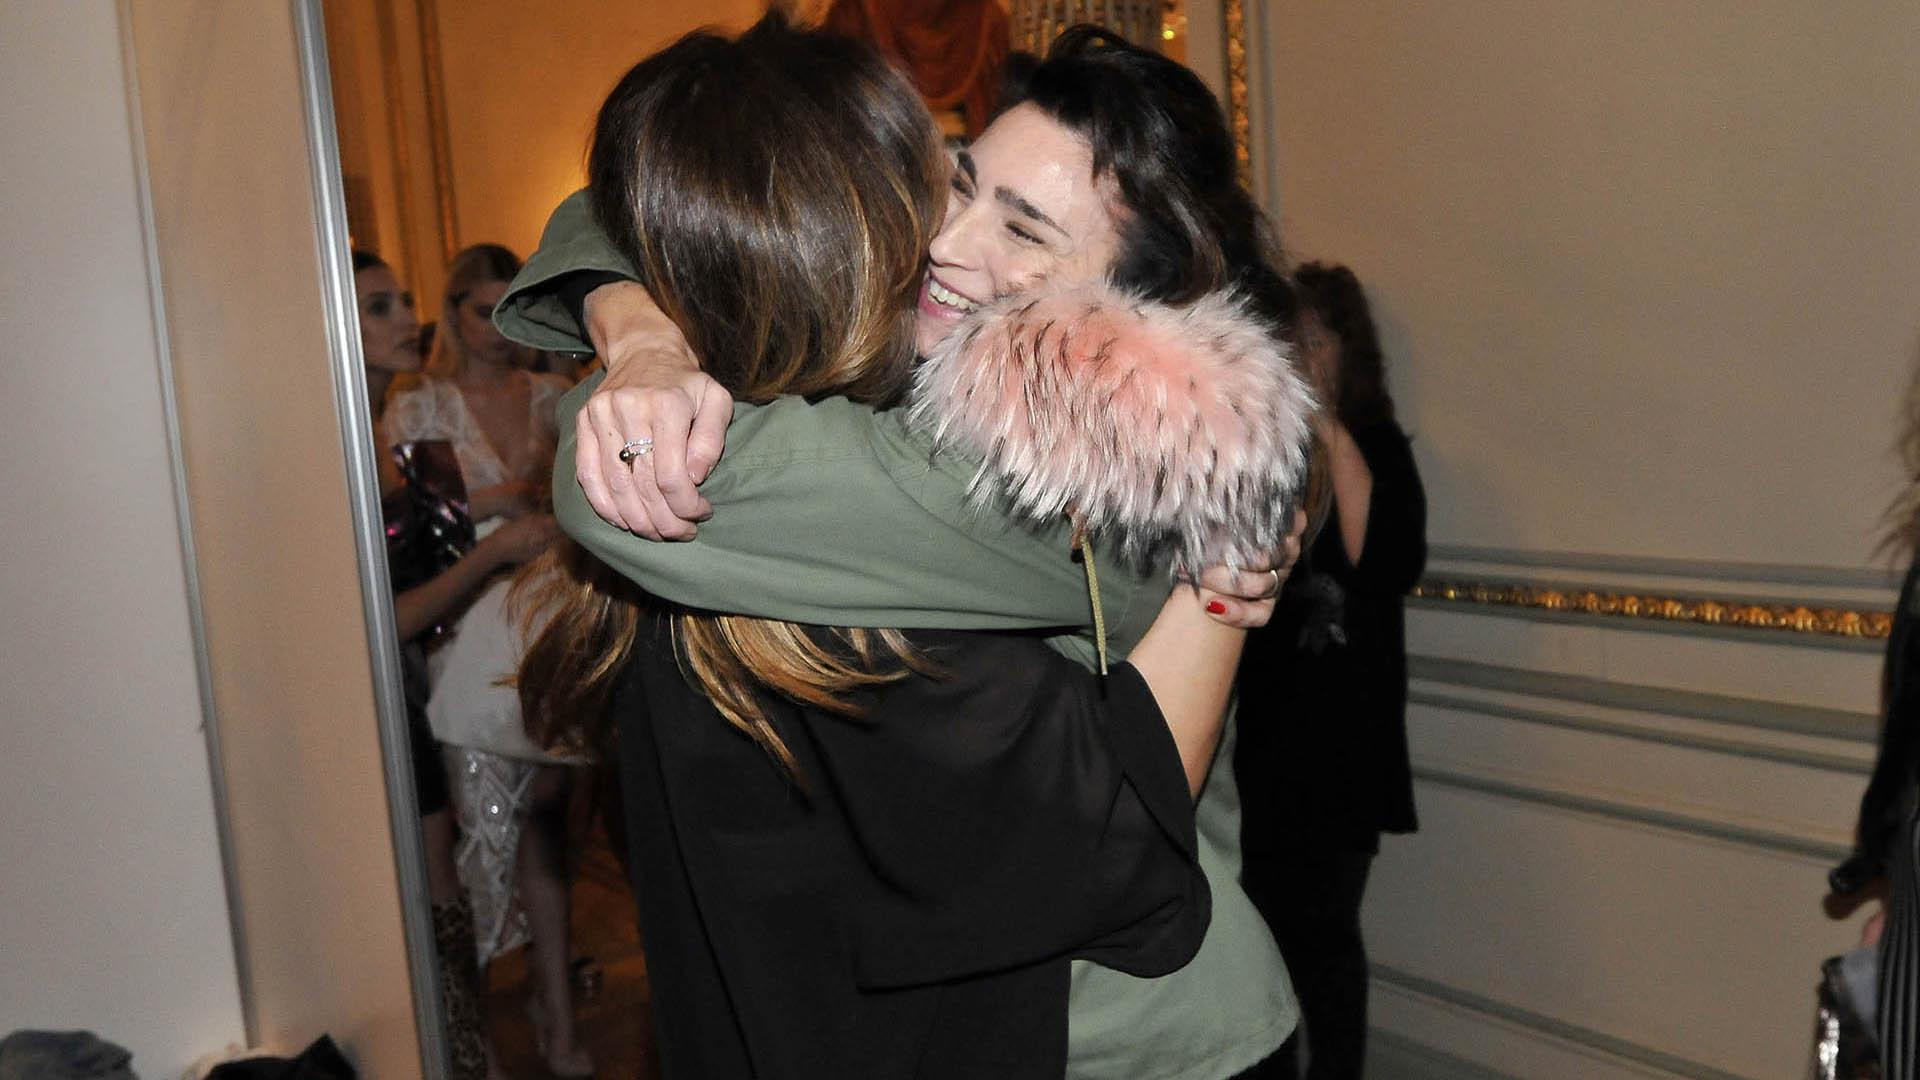 El abrazo entre la diseñadora y Valeria Bertuccelli